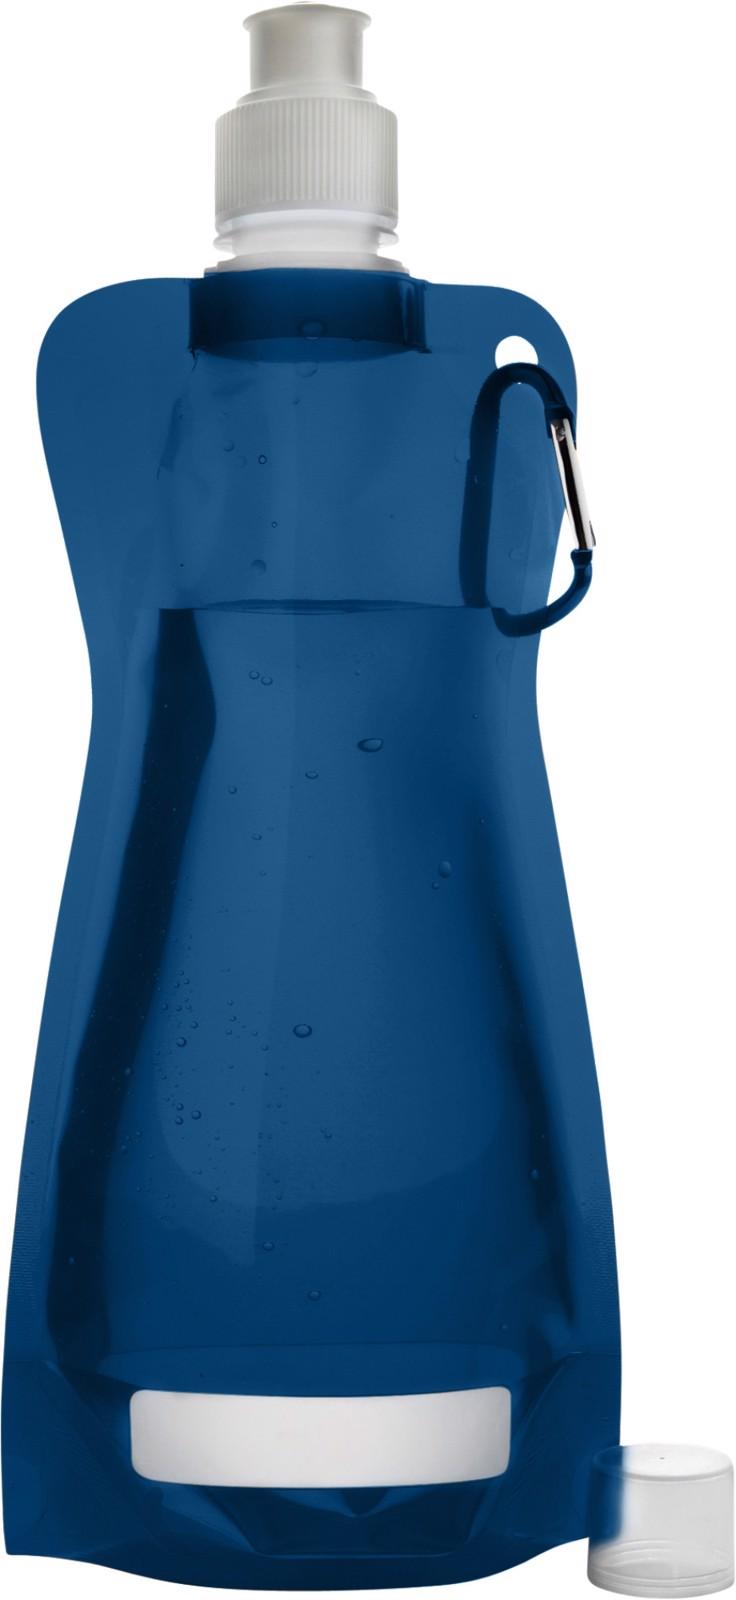 PP bottle - Blue